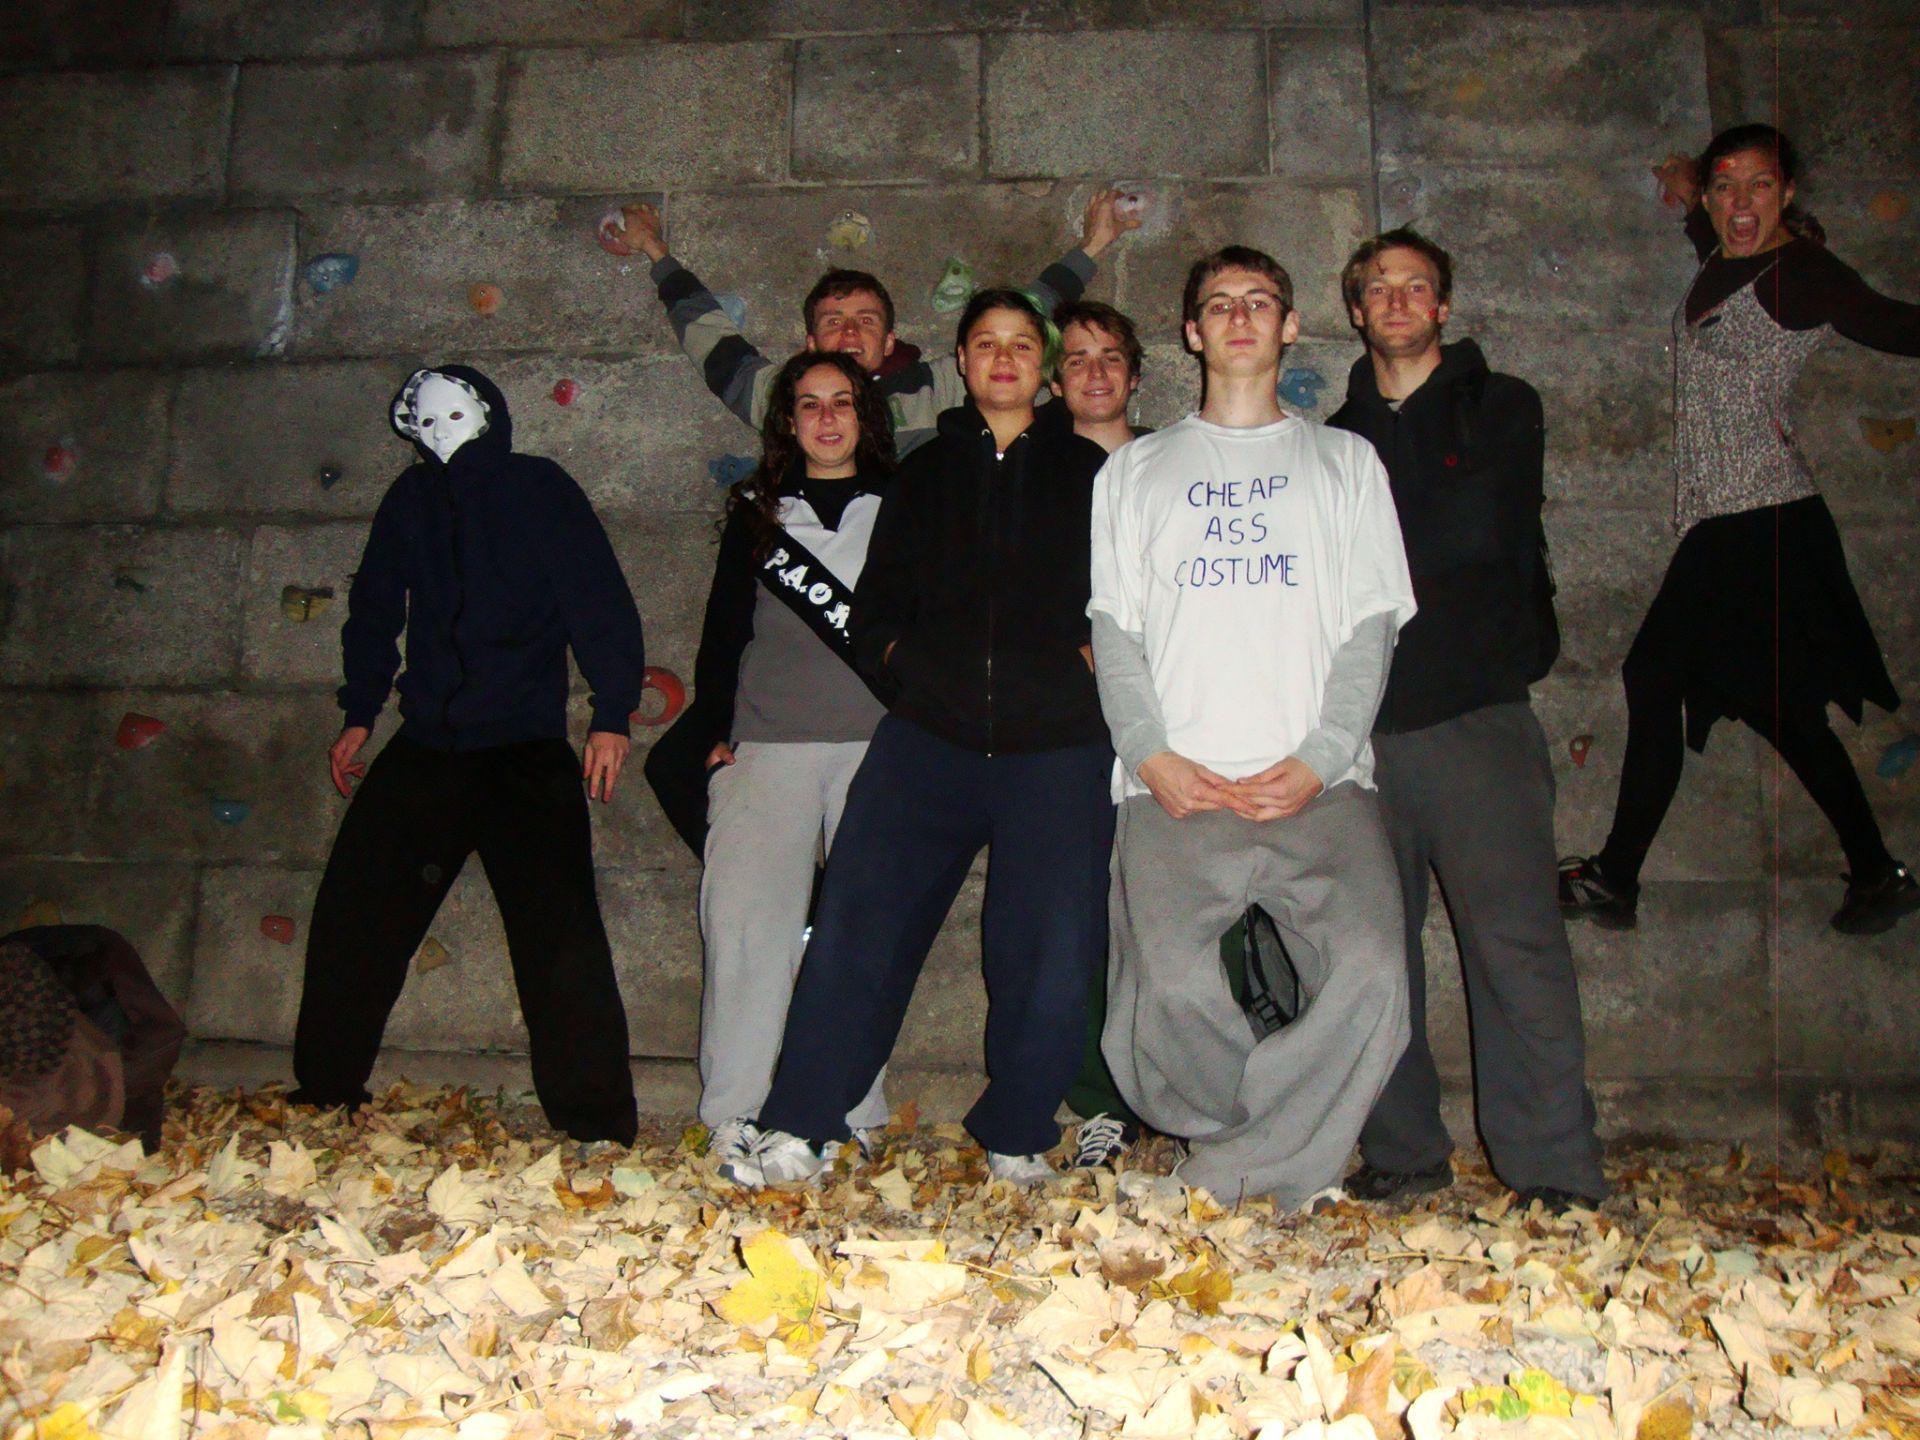 2013.10.31 EM Halloween Madness Pyramidenpark (Gerald) (3)